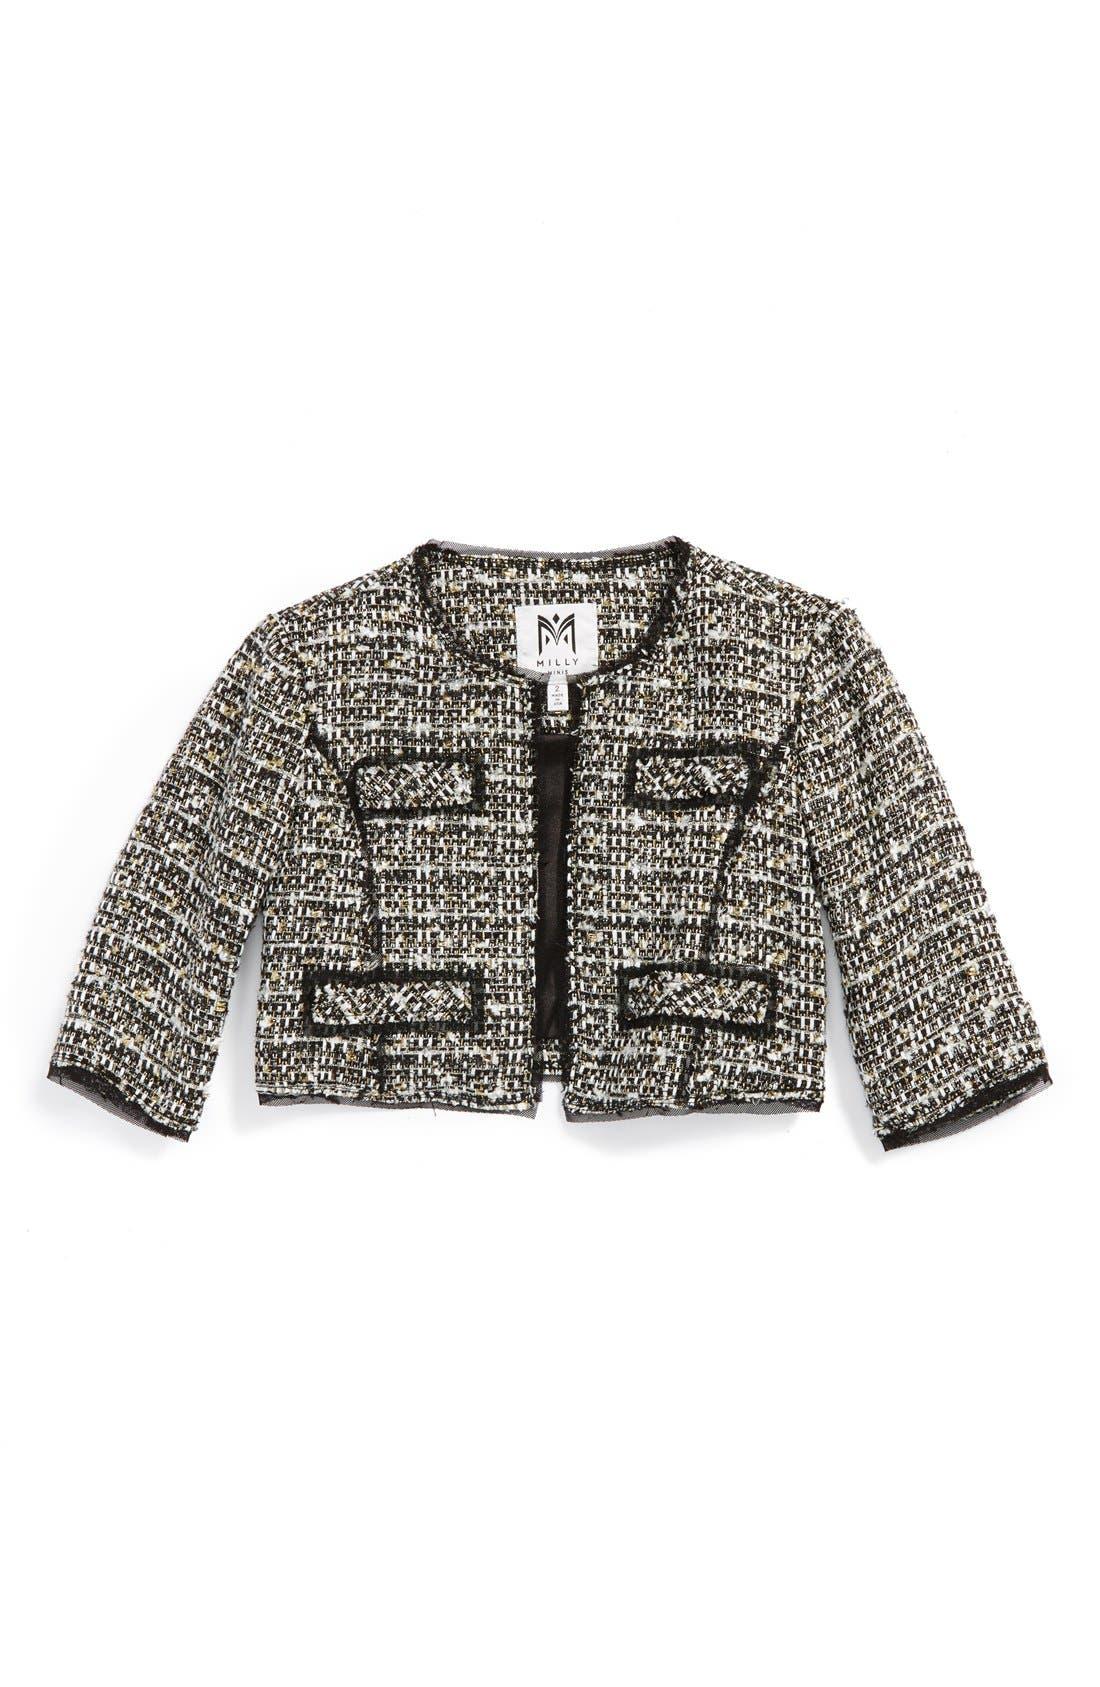 Alternate Image 1 Selected - Milly Minis Crop Tweed Jacket (Toddler Girls, Little Girls & Big Girls)